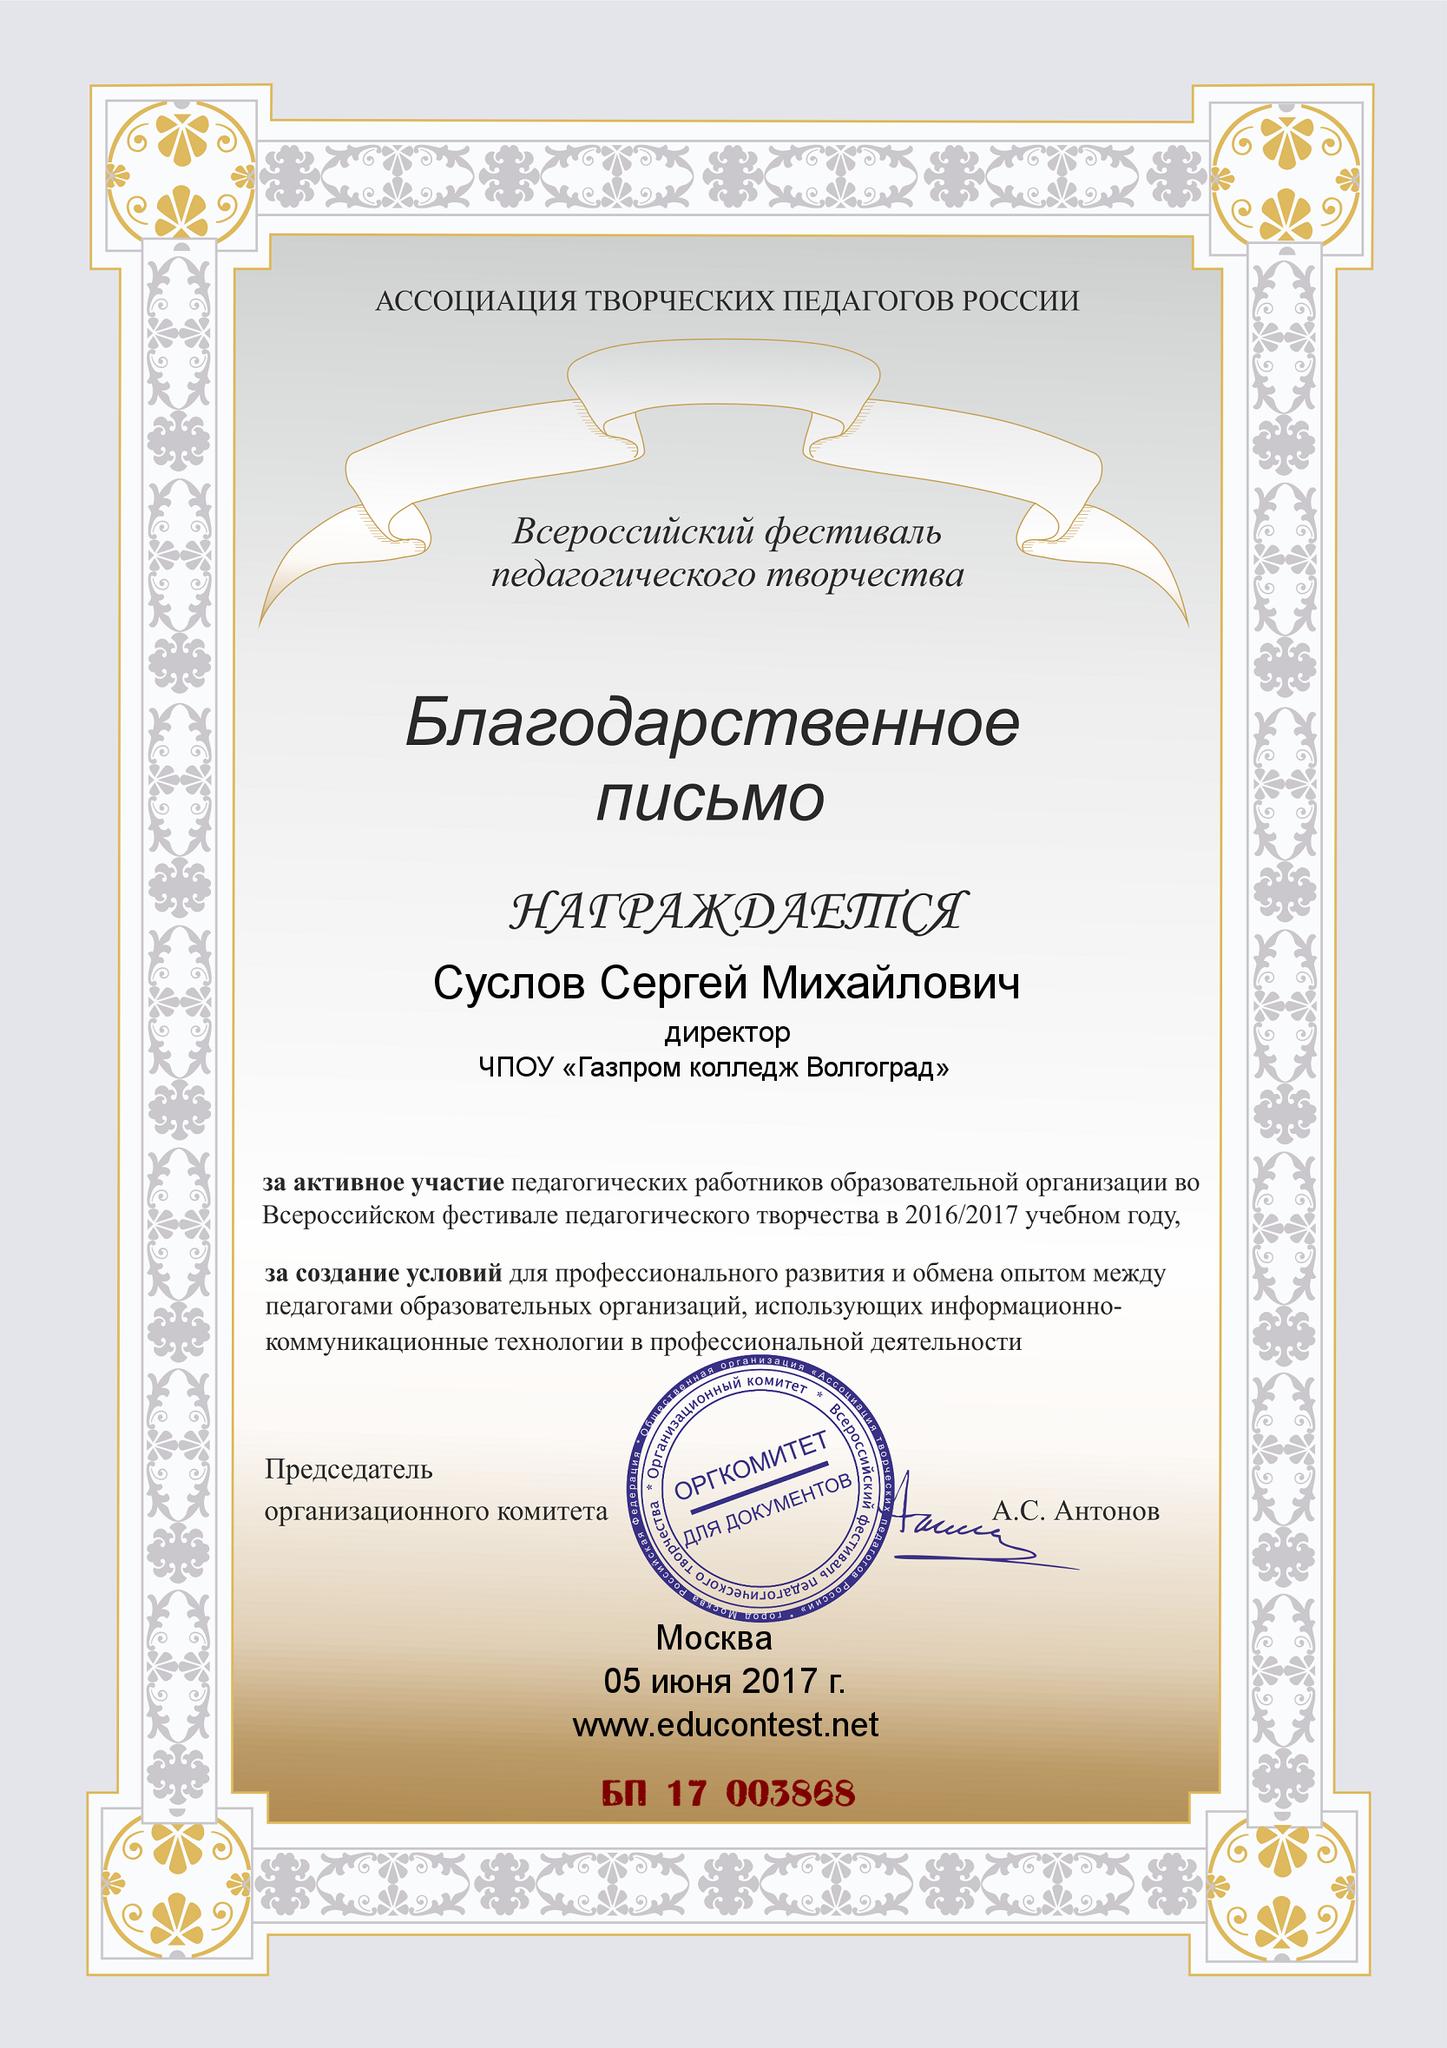 Грамоты Дипломы Благодарственные письма Диплом за распространение педагогического опыта Ашнина